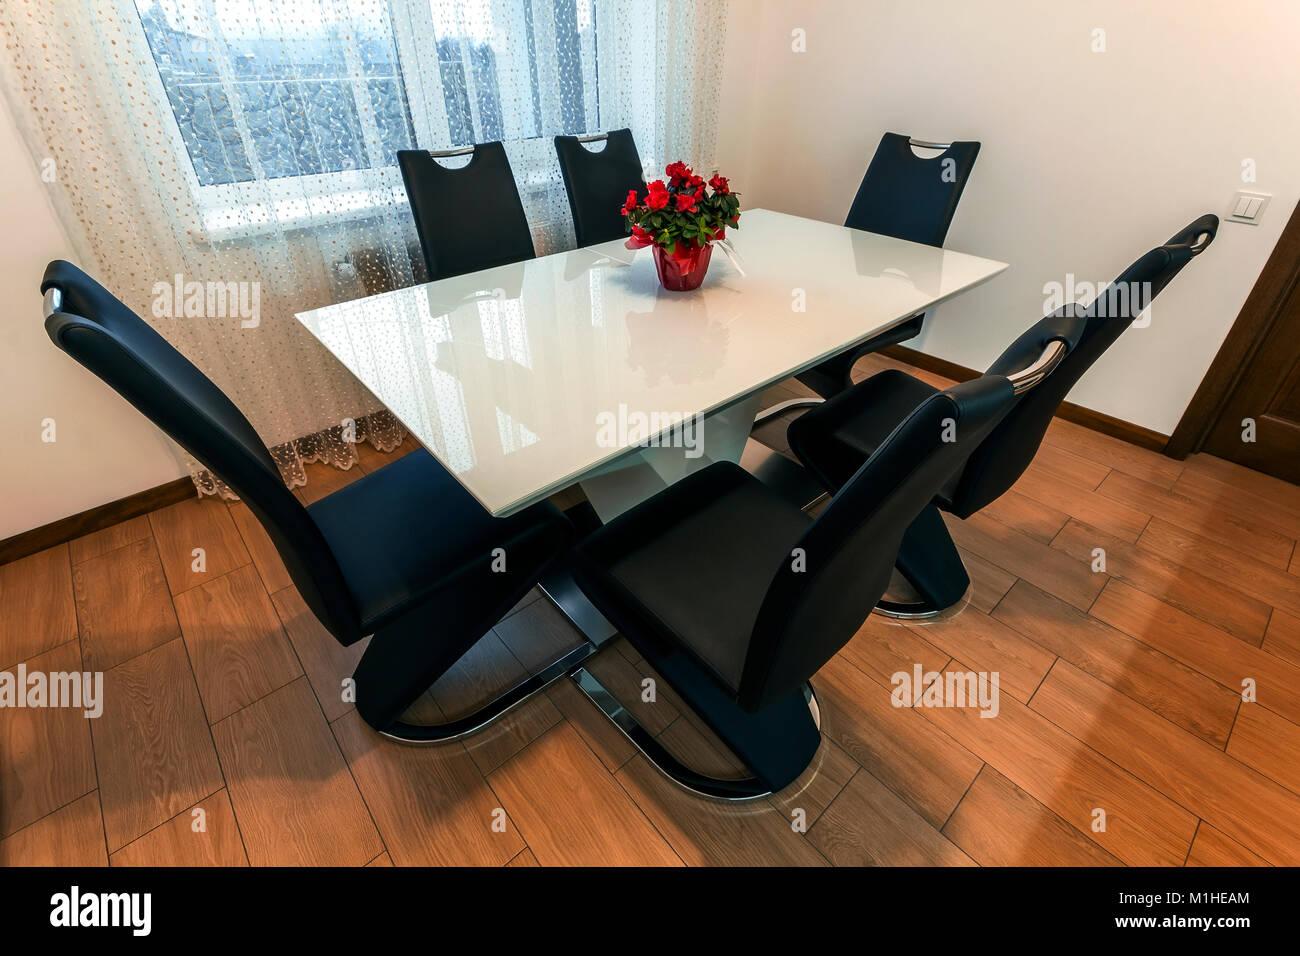 Madera blanca redonda de cristal y mesa de comedor con for Mesa redonda cristal 8 personas